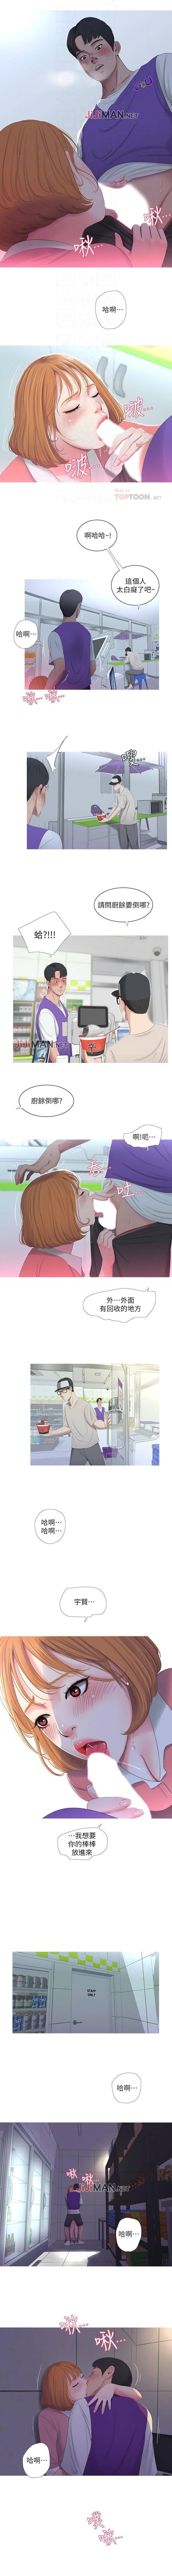 【周四连载】亲家四姐妹(作者:愛摸) 第1~31话 41